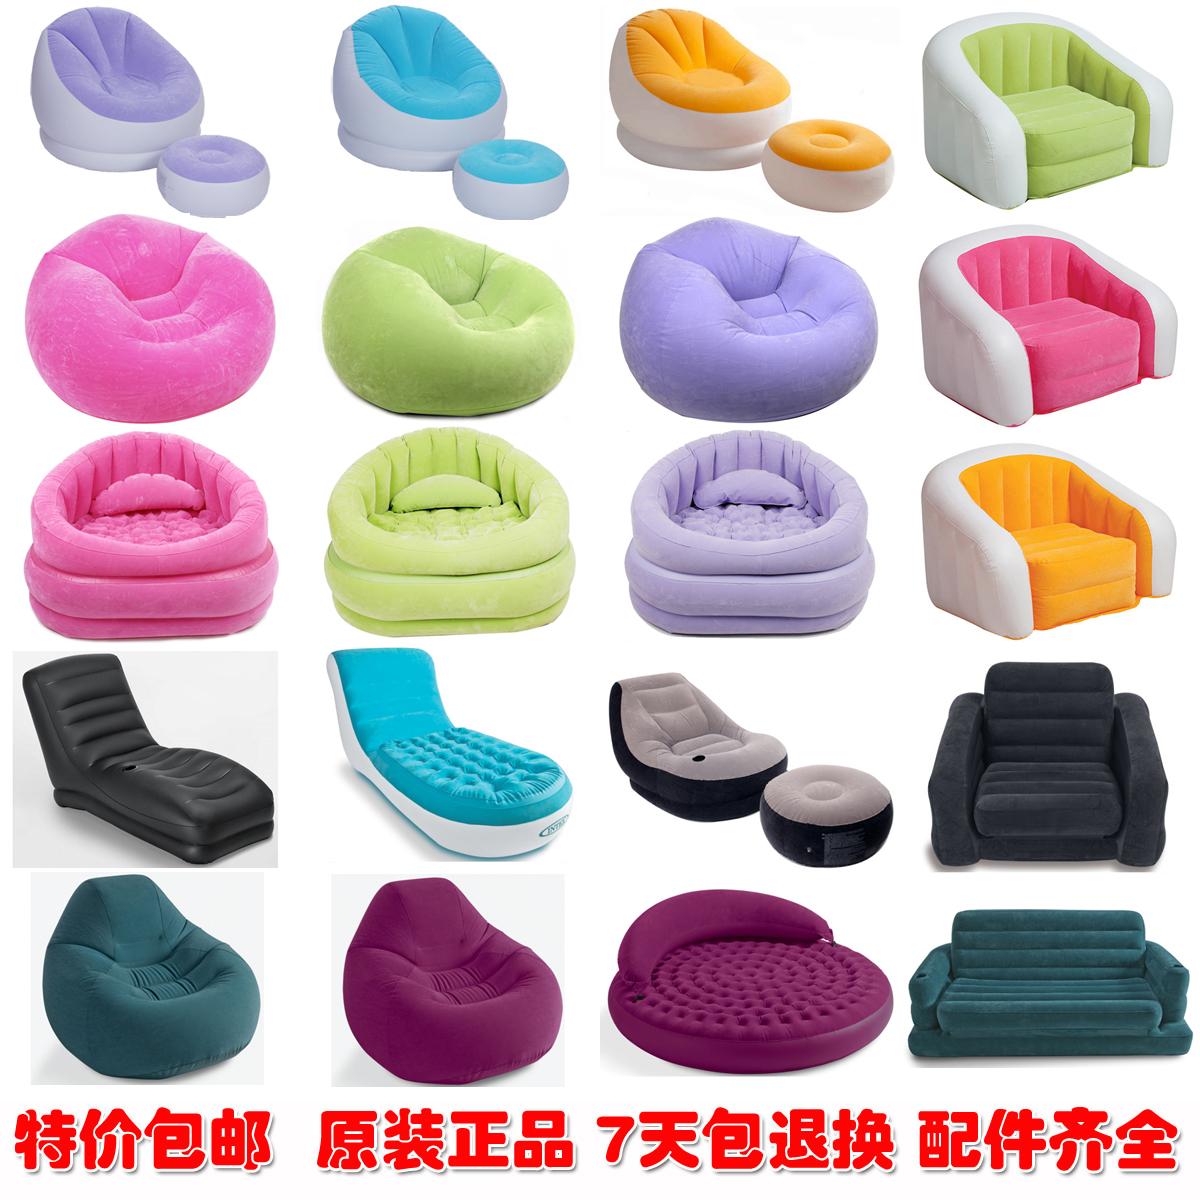 Пакет отправьте насос качественная оригинальная продукция INTEX газированный диван одноместный диван бездельник диван полдень остальные шезлонг